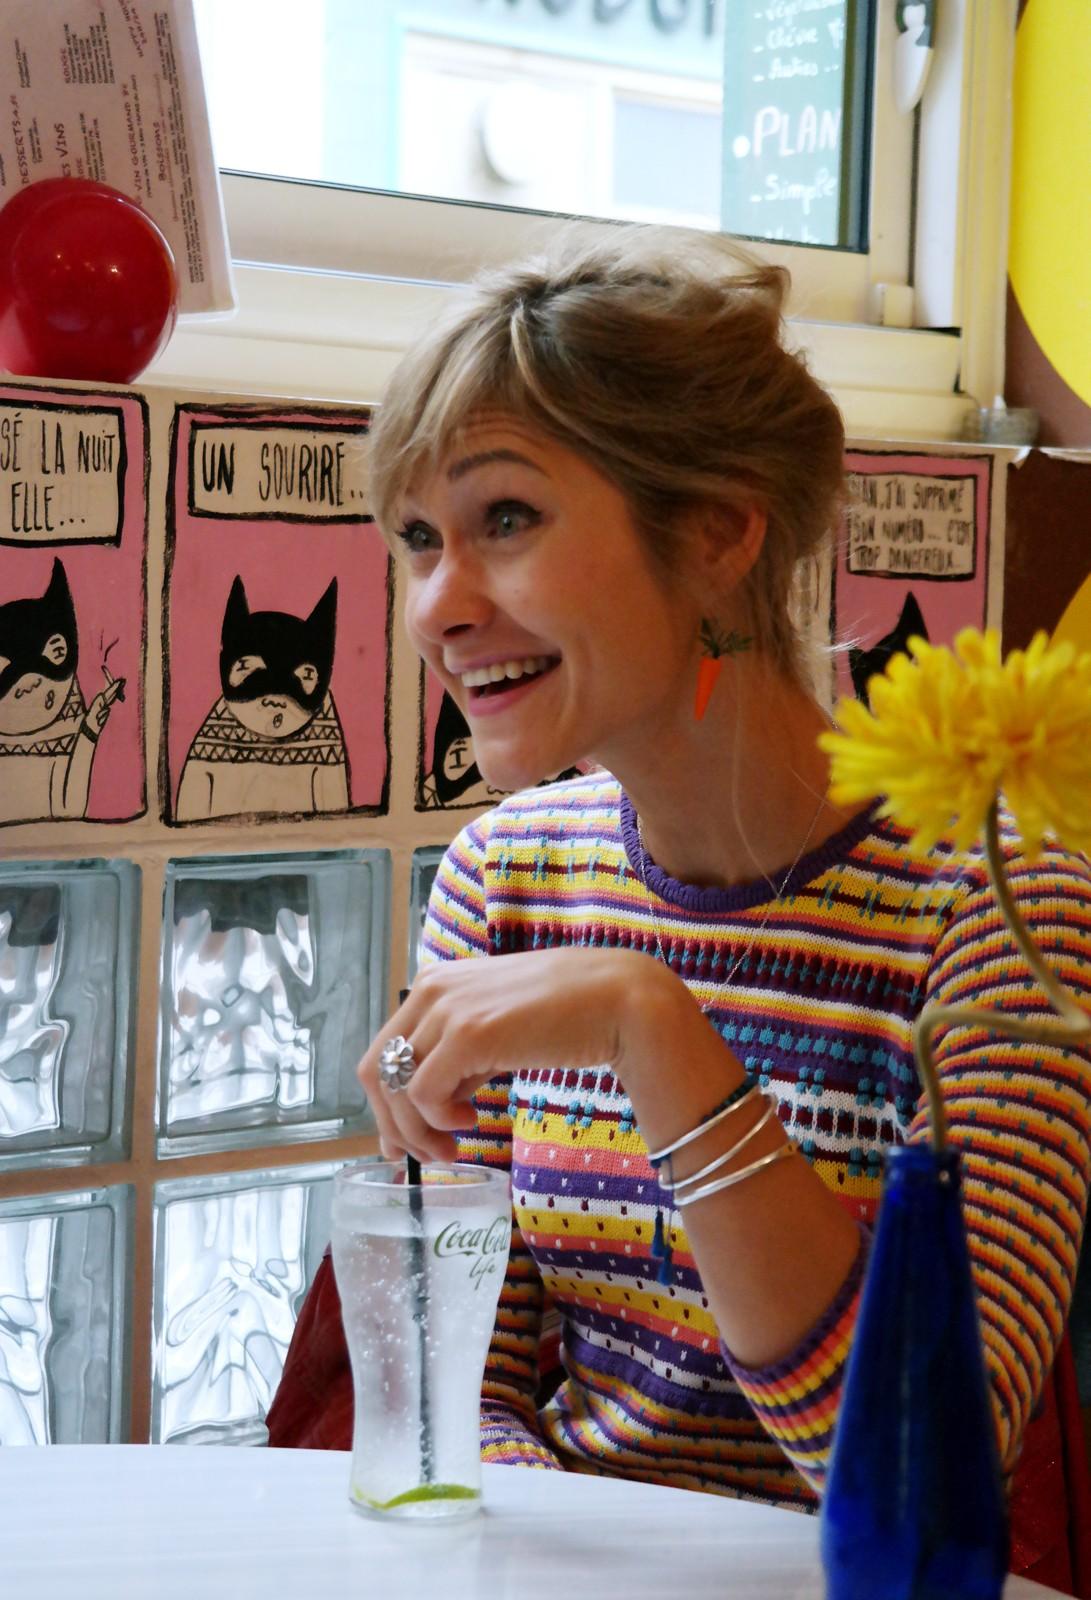 Le-beau-sourire-de-GiedRé-beautiful-smile-interview-perrier-rondelle-pour-blog-united-states-of-paris-musique-chanson-française